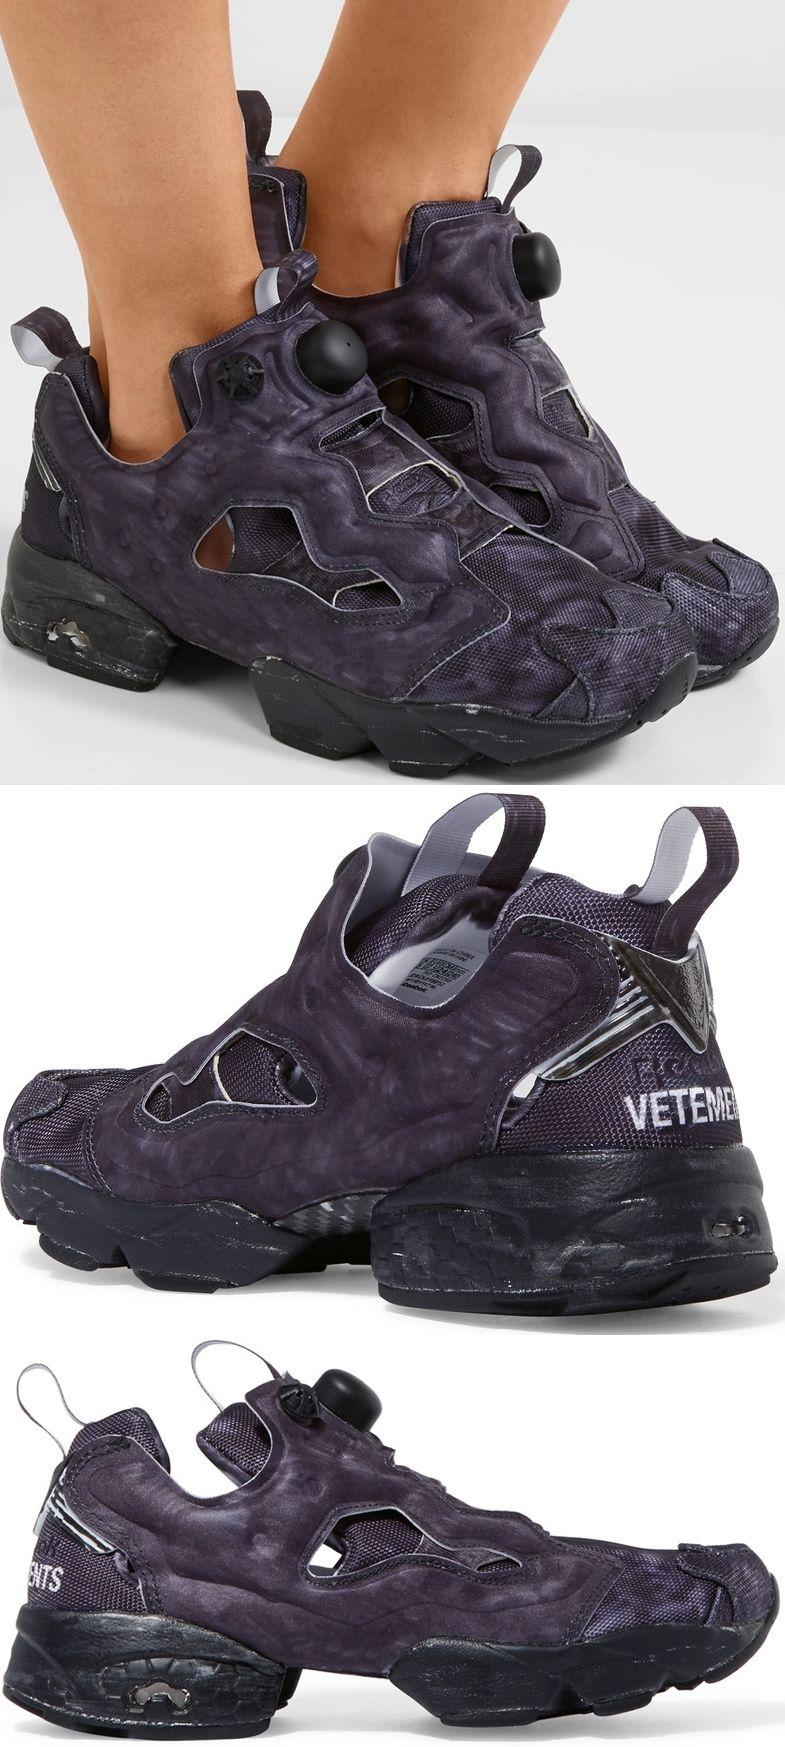 841c7677a8b Vetements calls its reinterpretation of Reebok s cult  InstaPump Fury OG   sneakers